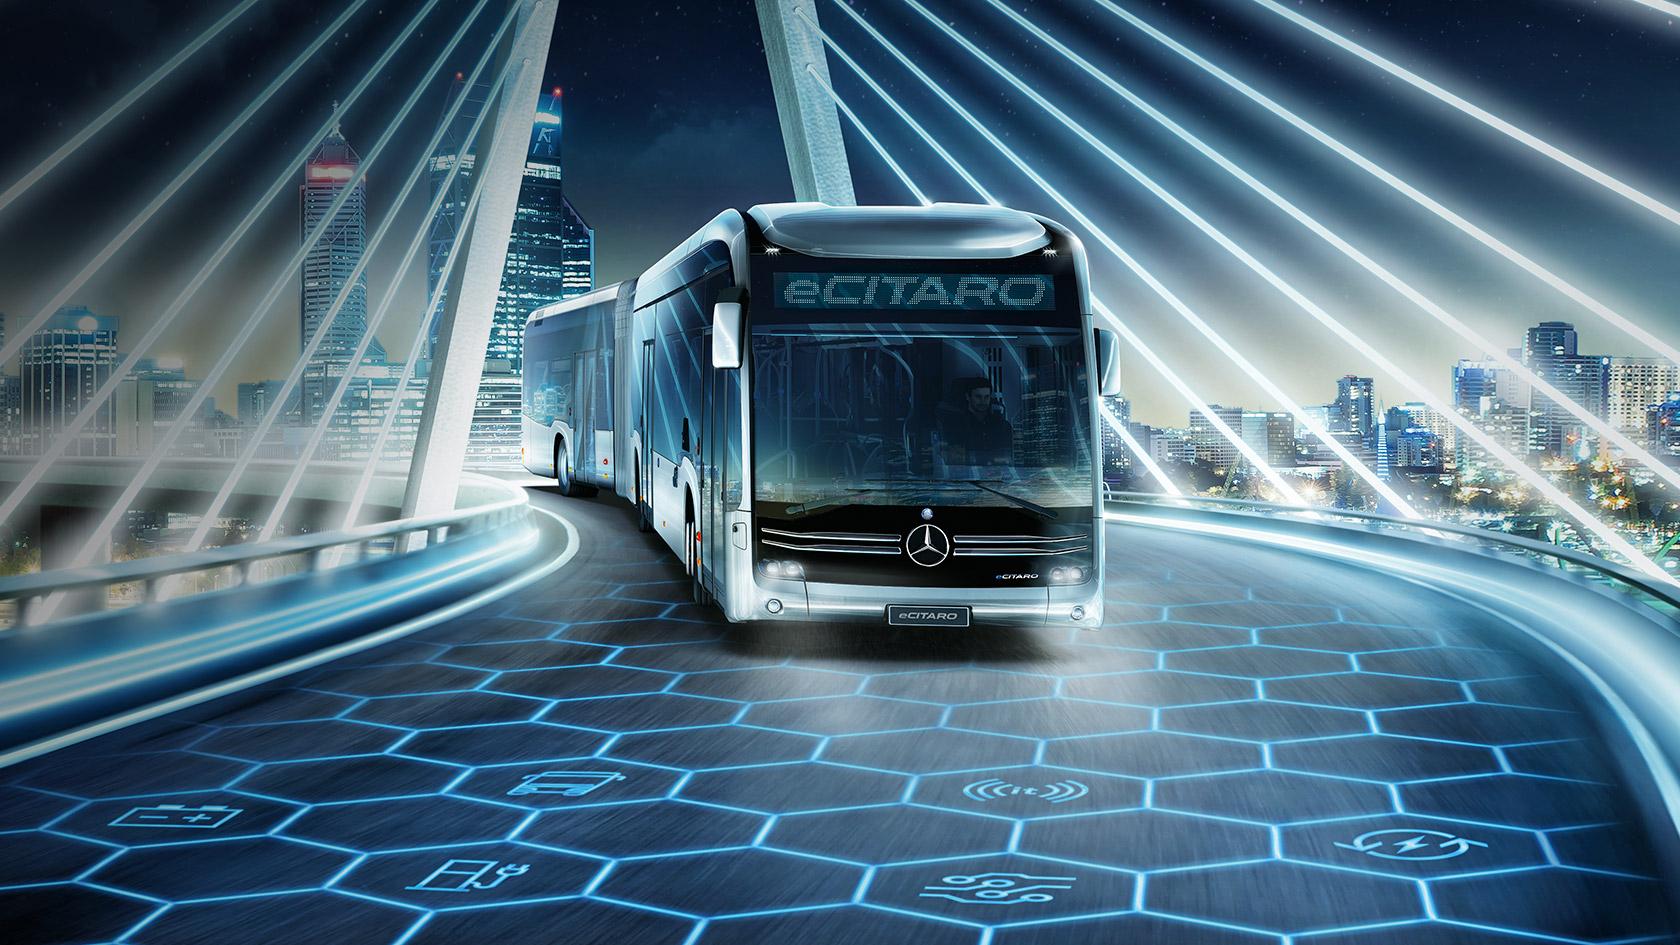 A legnagyobb elektromos autóbusz-beszerzés új korszakot nyit a környezetbarát közlekedésben